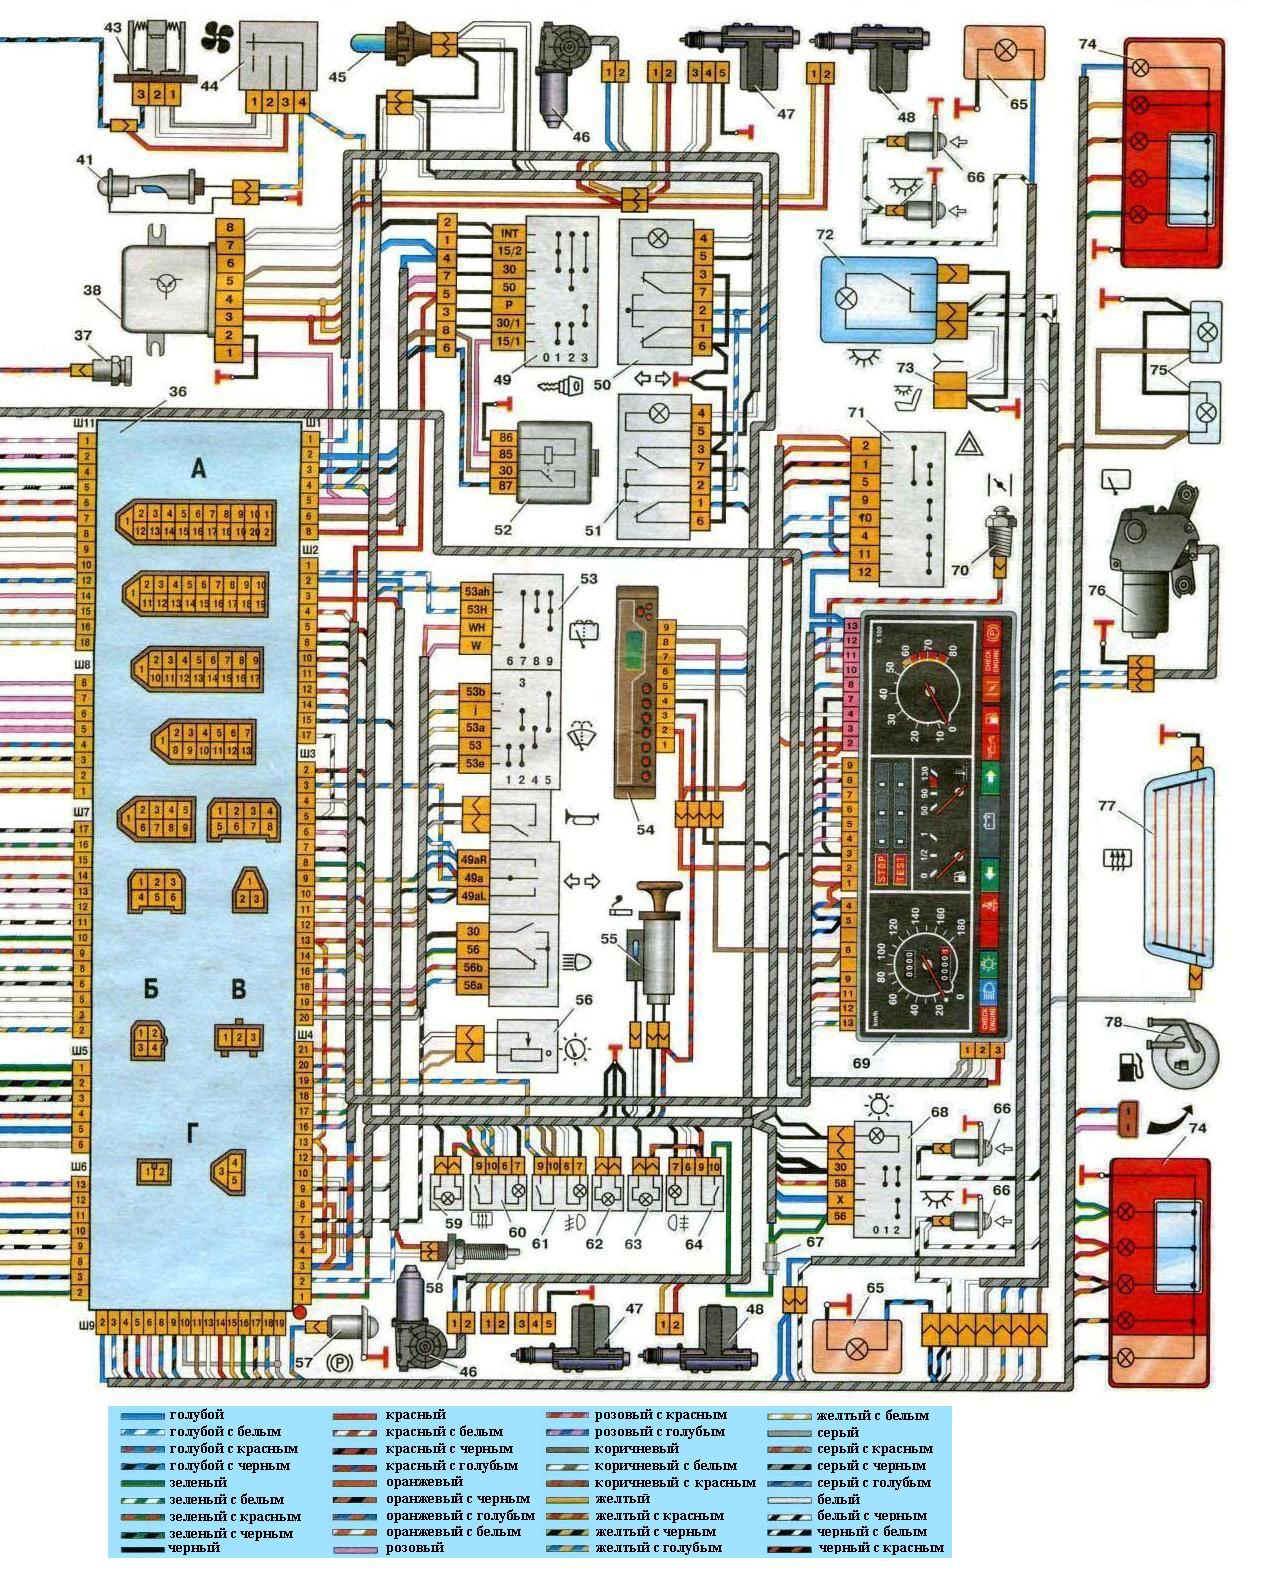 Рис. 2 Схема электрооборудования автомобиля ВАЗ 21083, ВАЗ 21093, ВАЗ 21099 (правая часть схемы). (нажмите для...